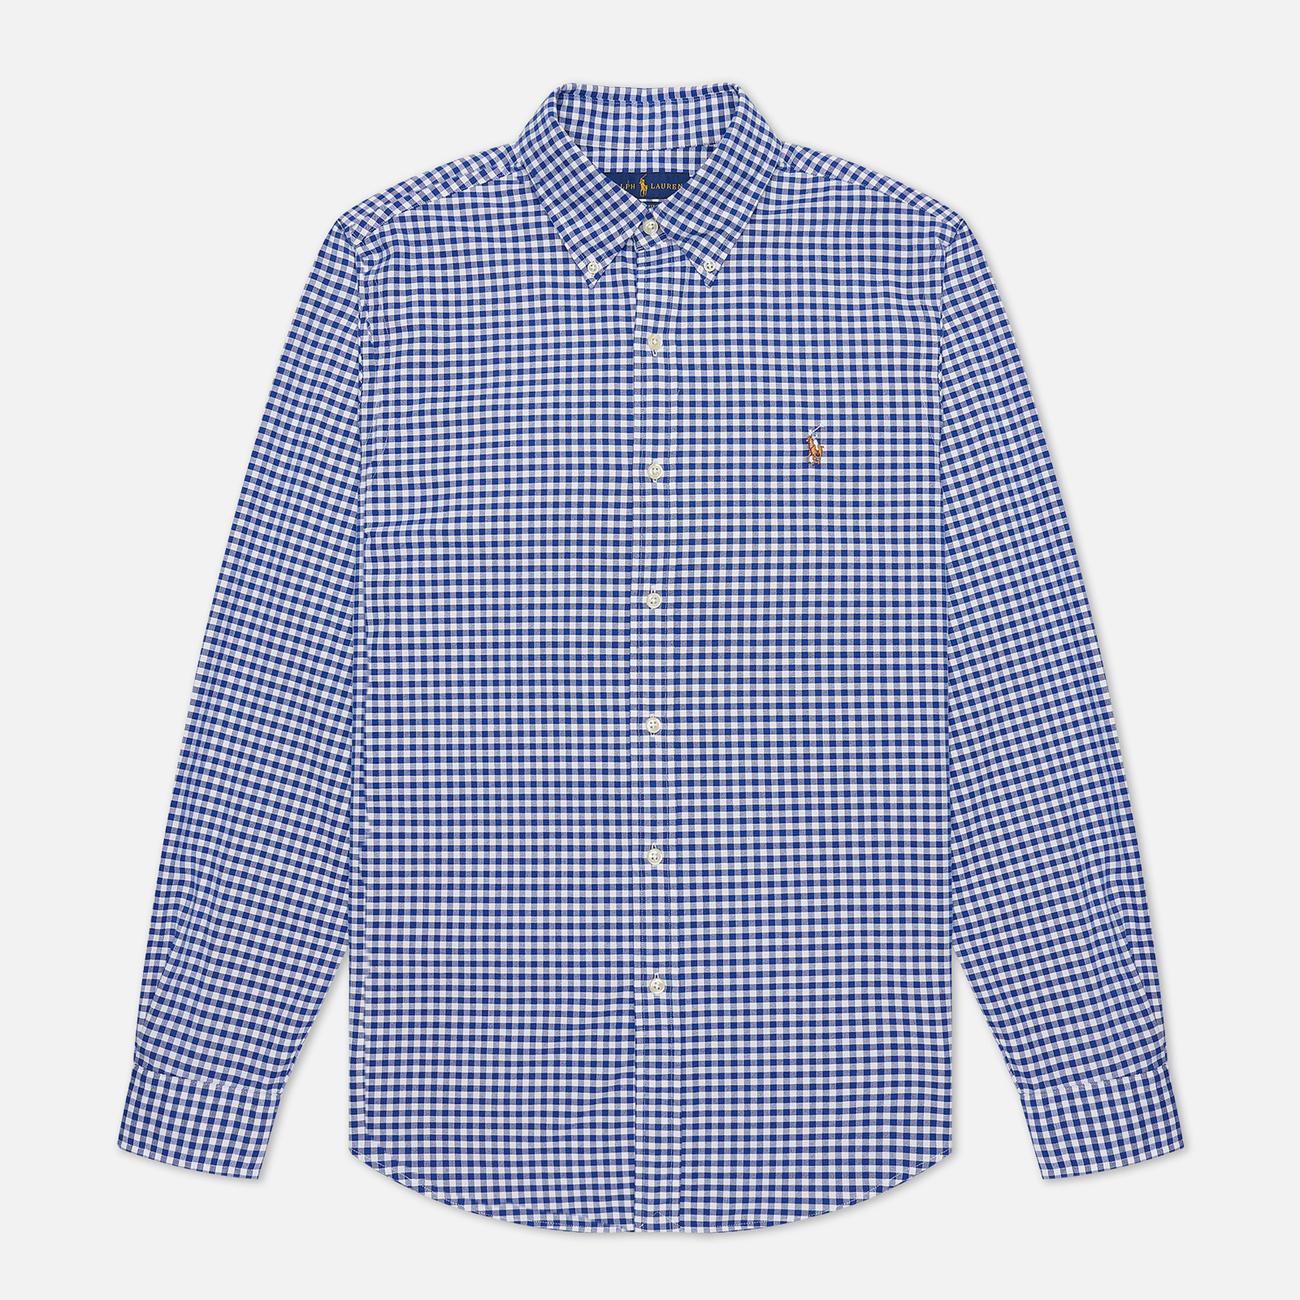 Мужская рубашка Polo Ralph Lauren Slim Fit Oxford Royal/White